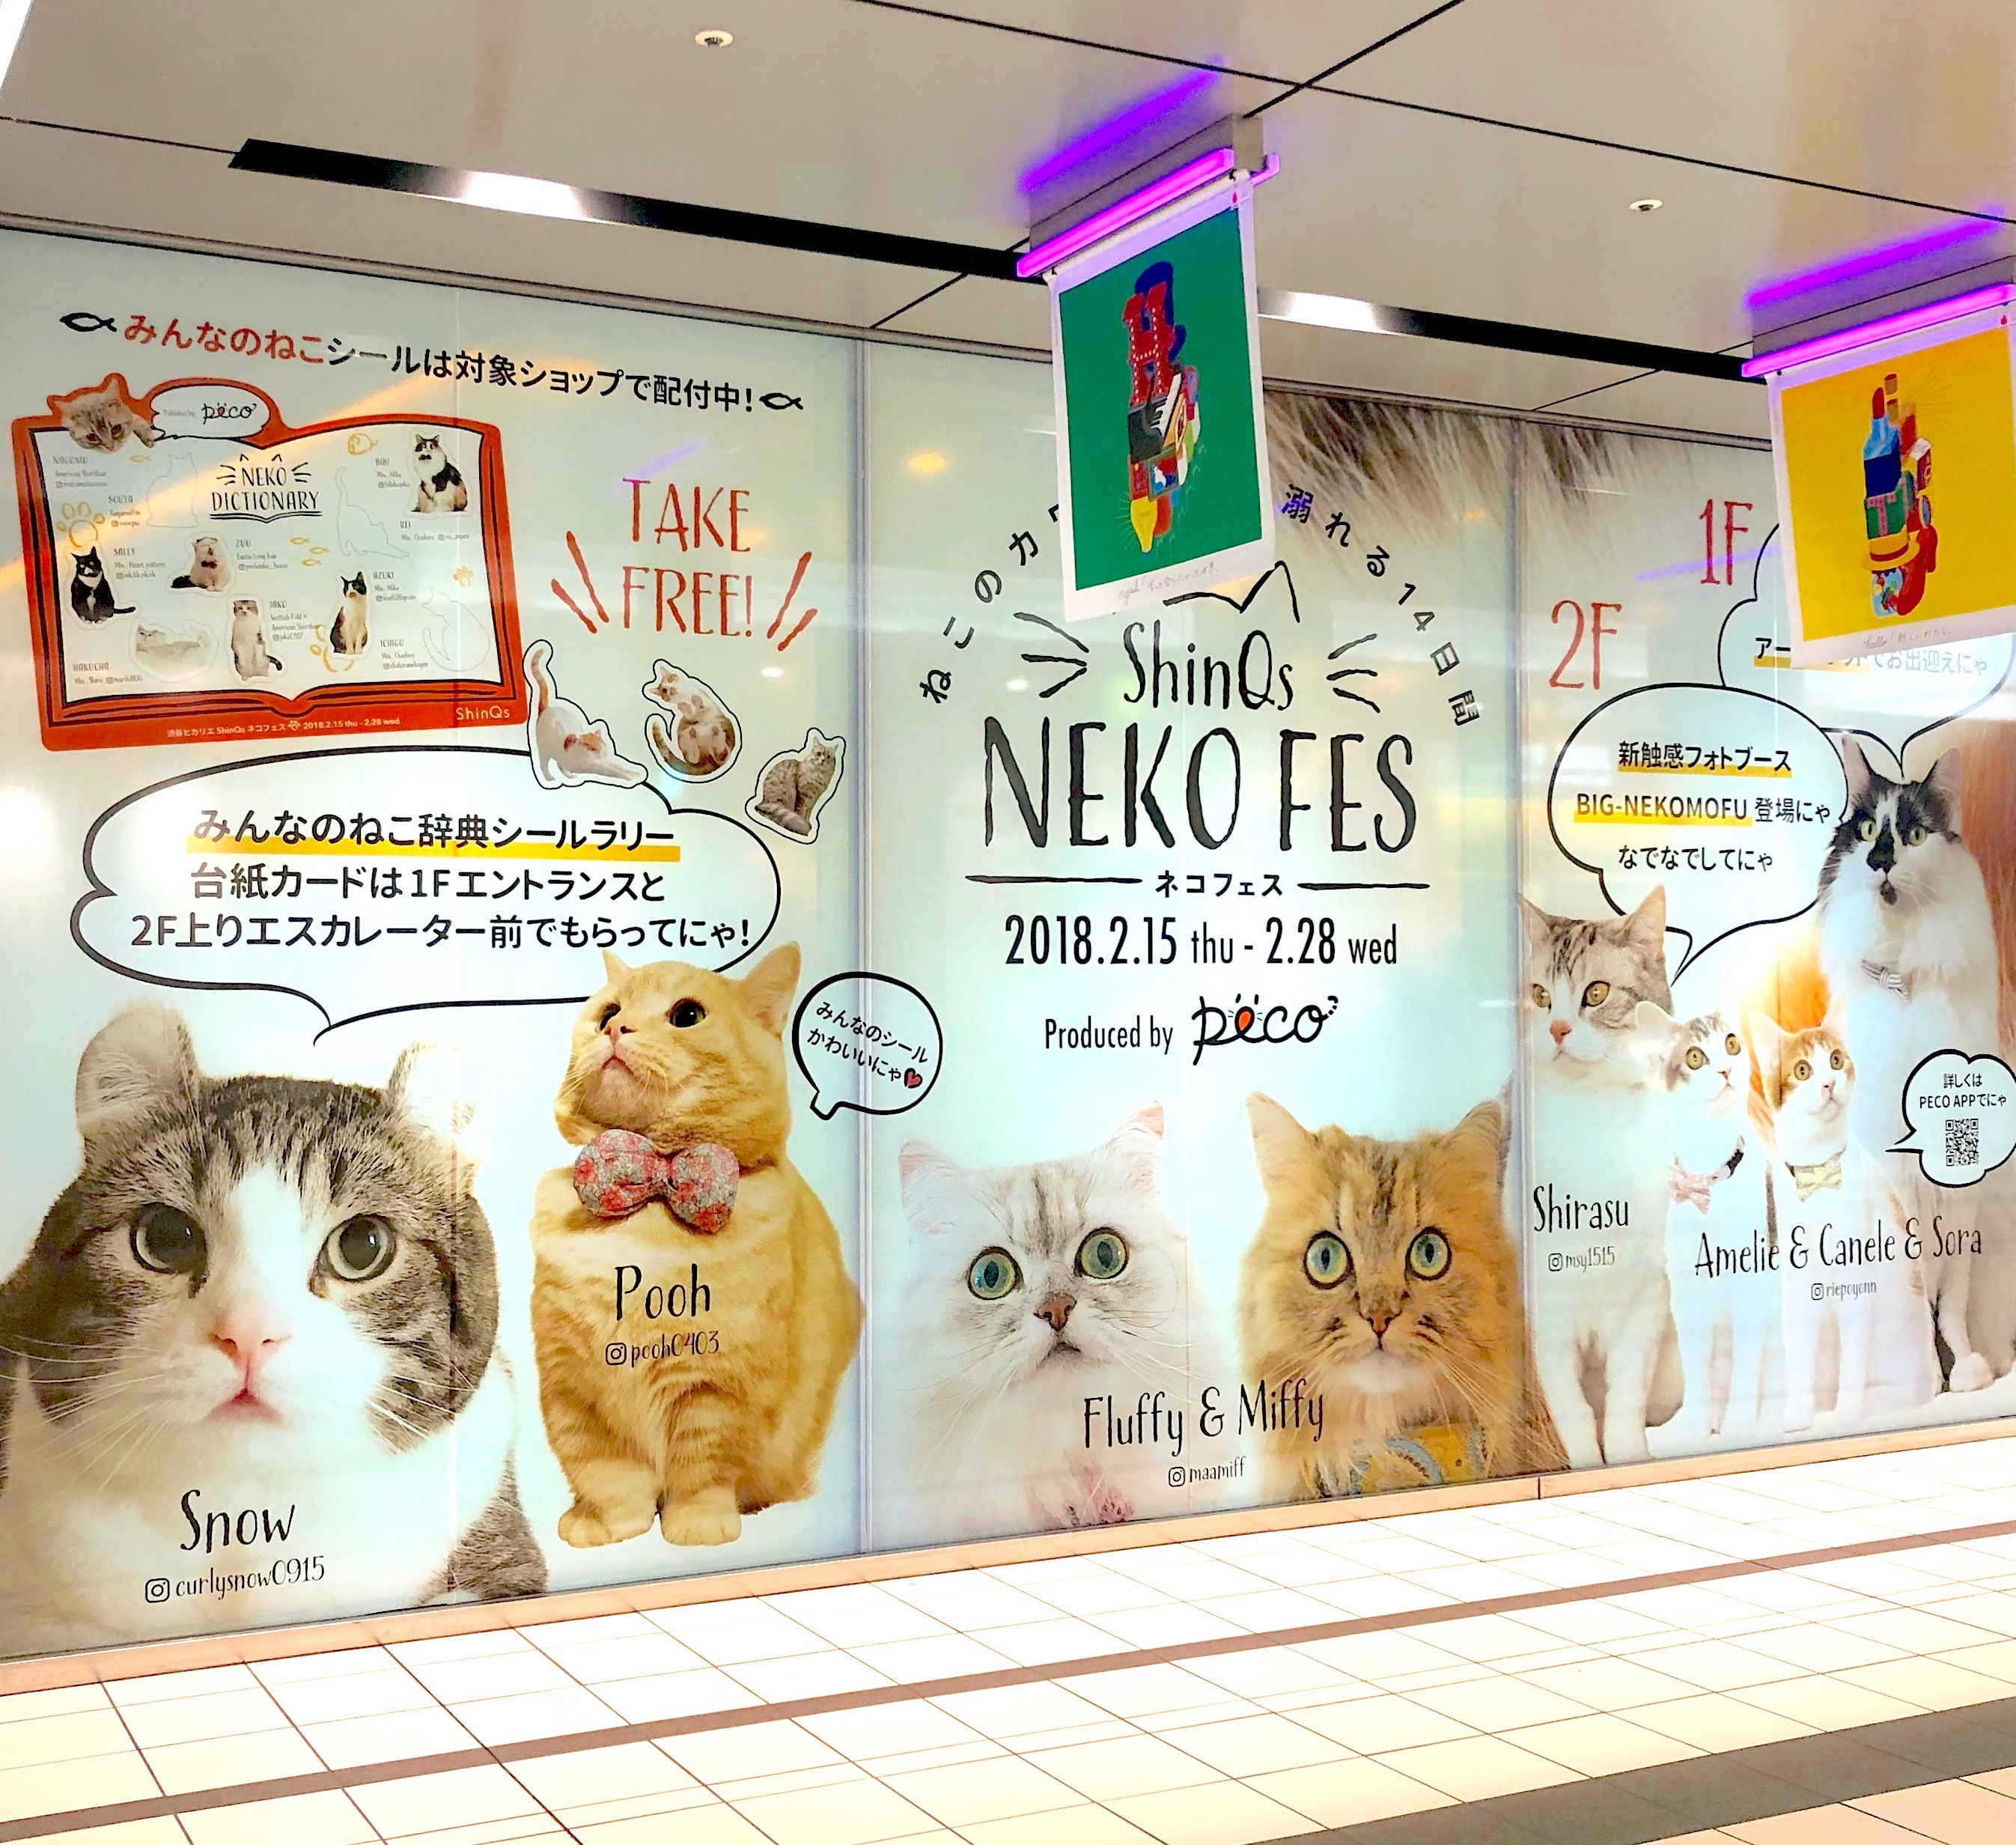 """『渋谷ヒカリエ ShinQs』が猫だらけ…♡ 2/28まで開催の""""ShinQs ネコフェス""""に潜入!"""